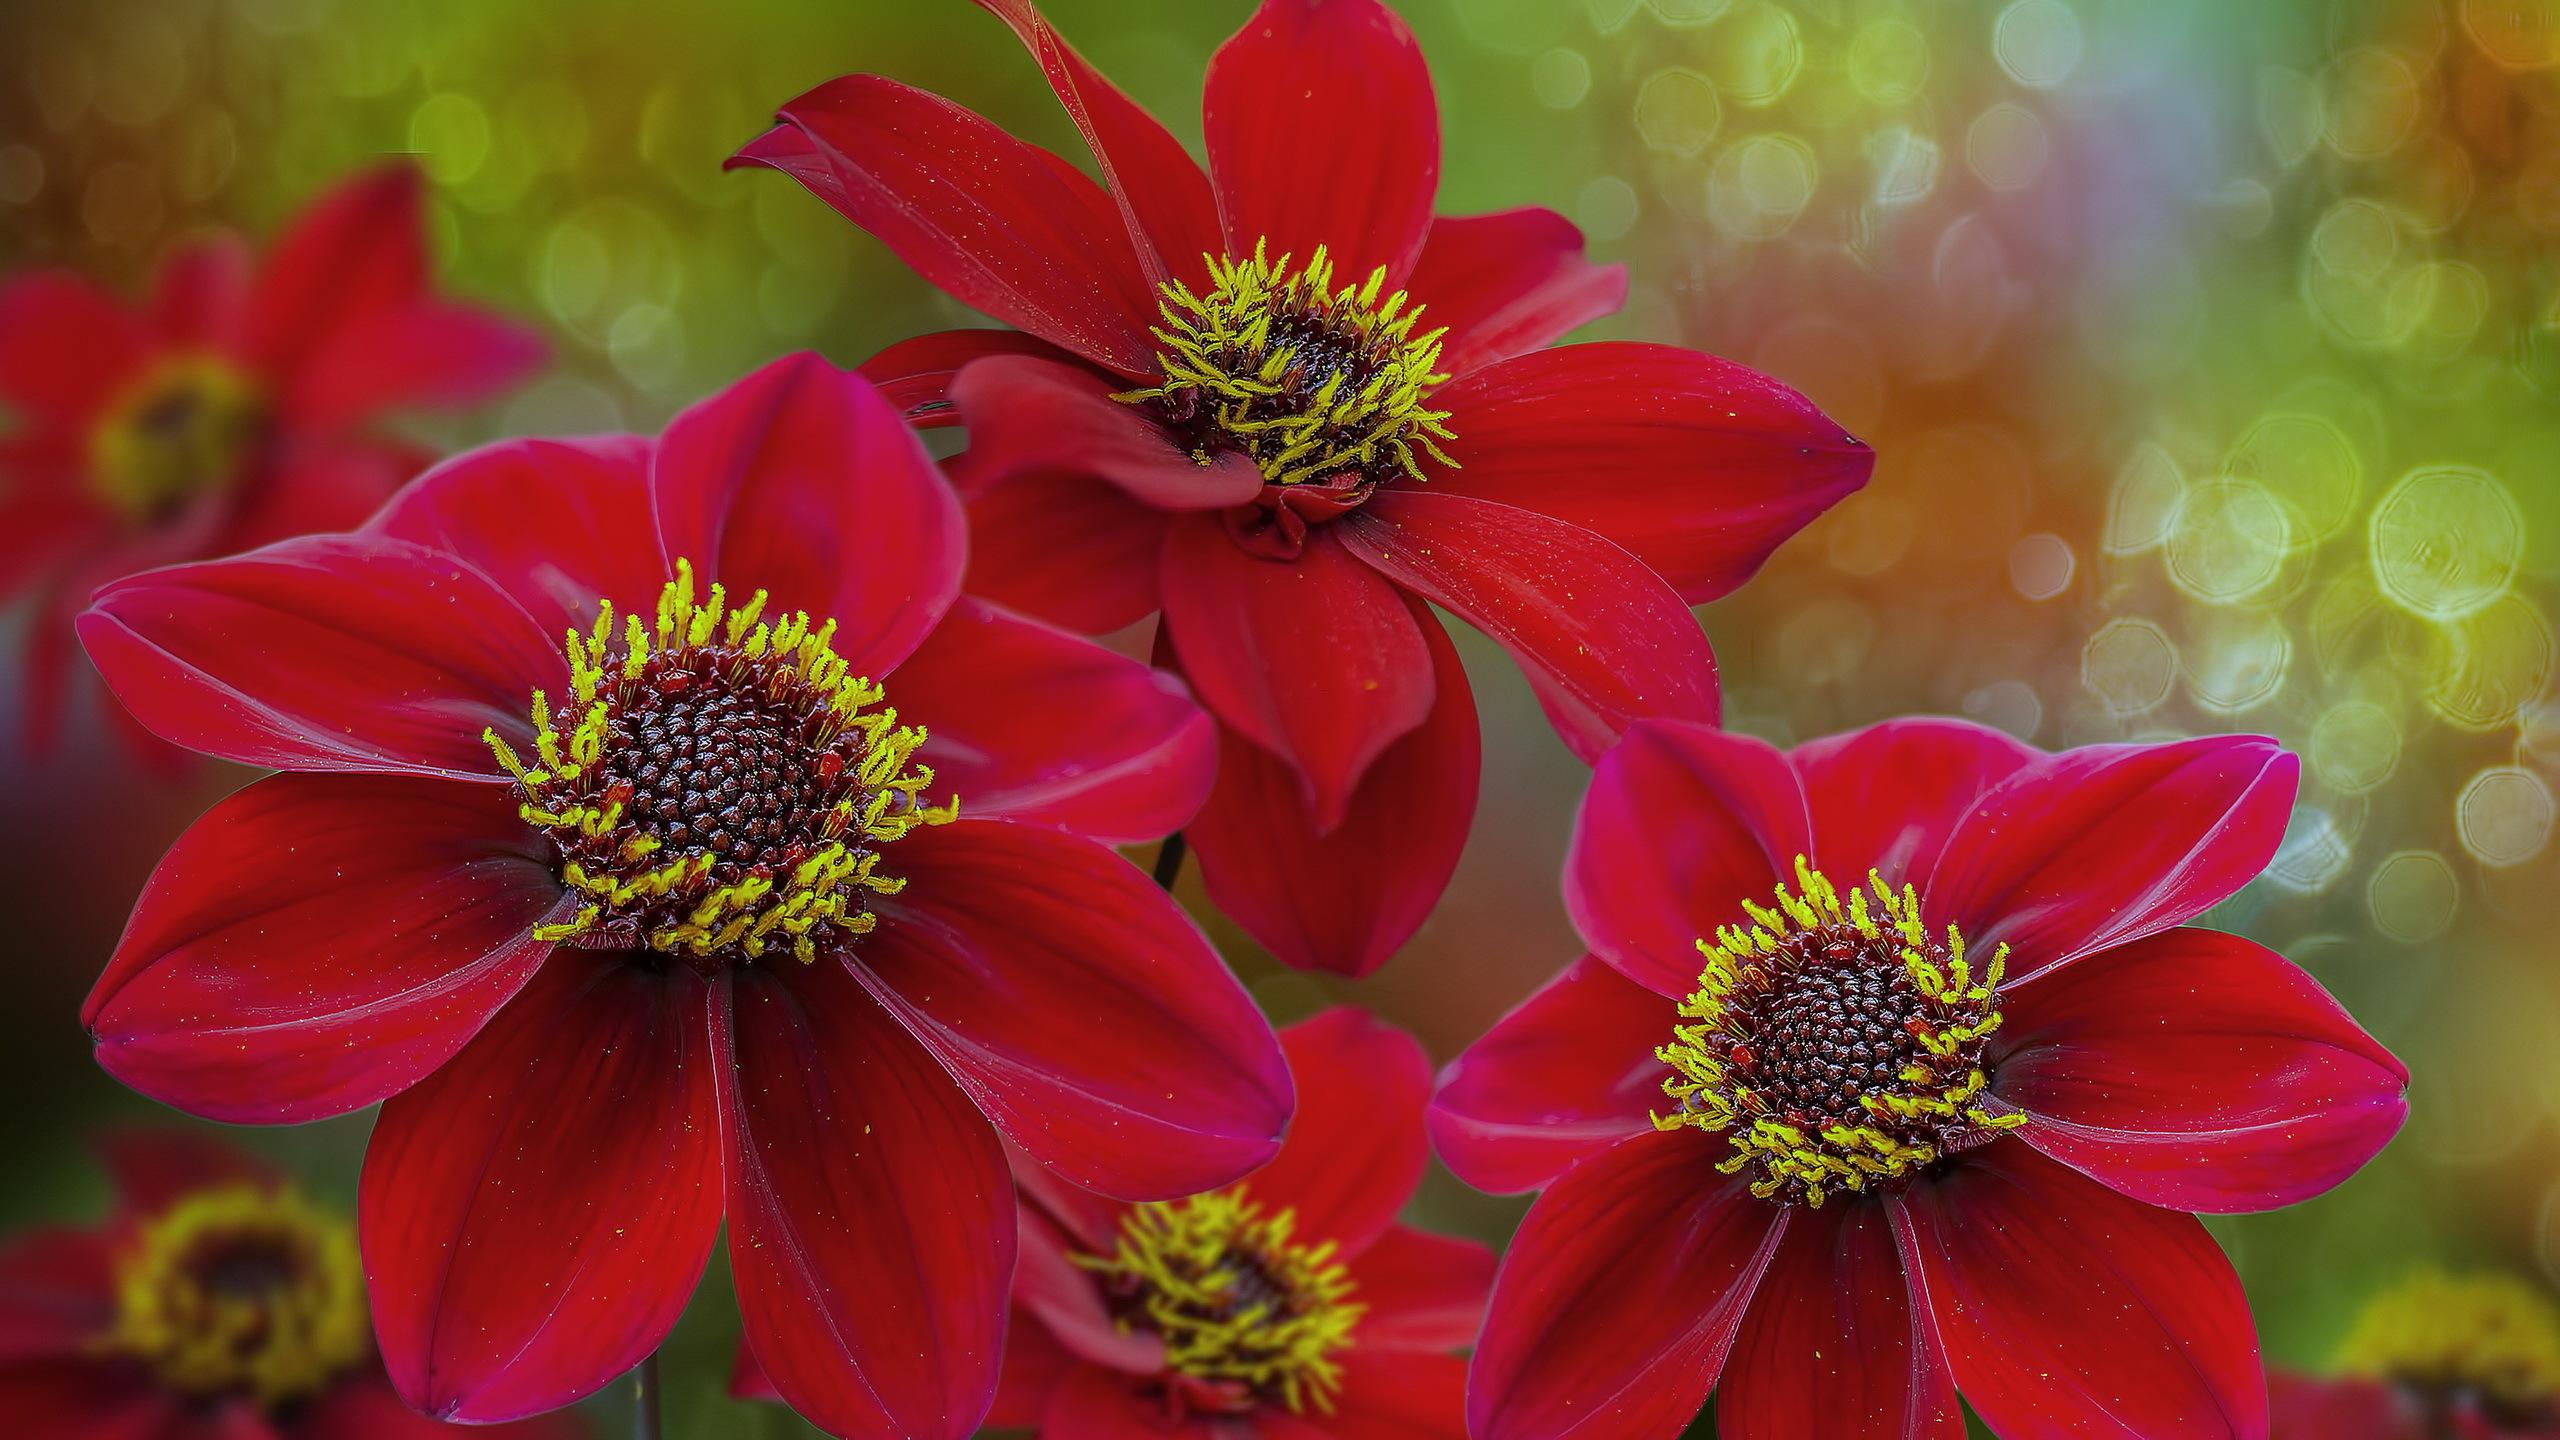 георгина цветок капли без смс